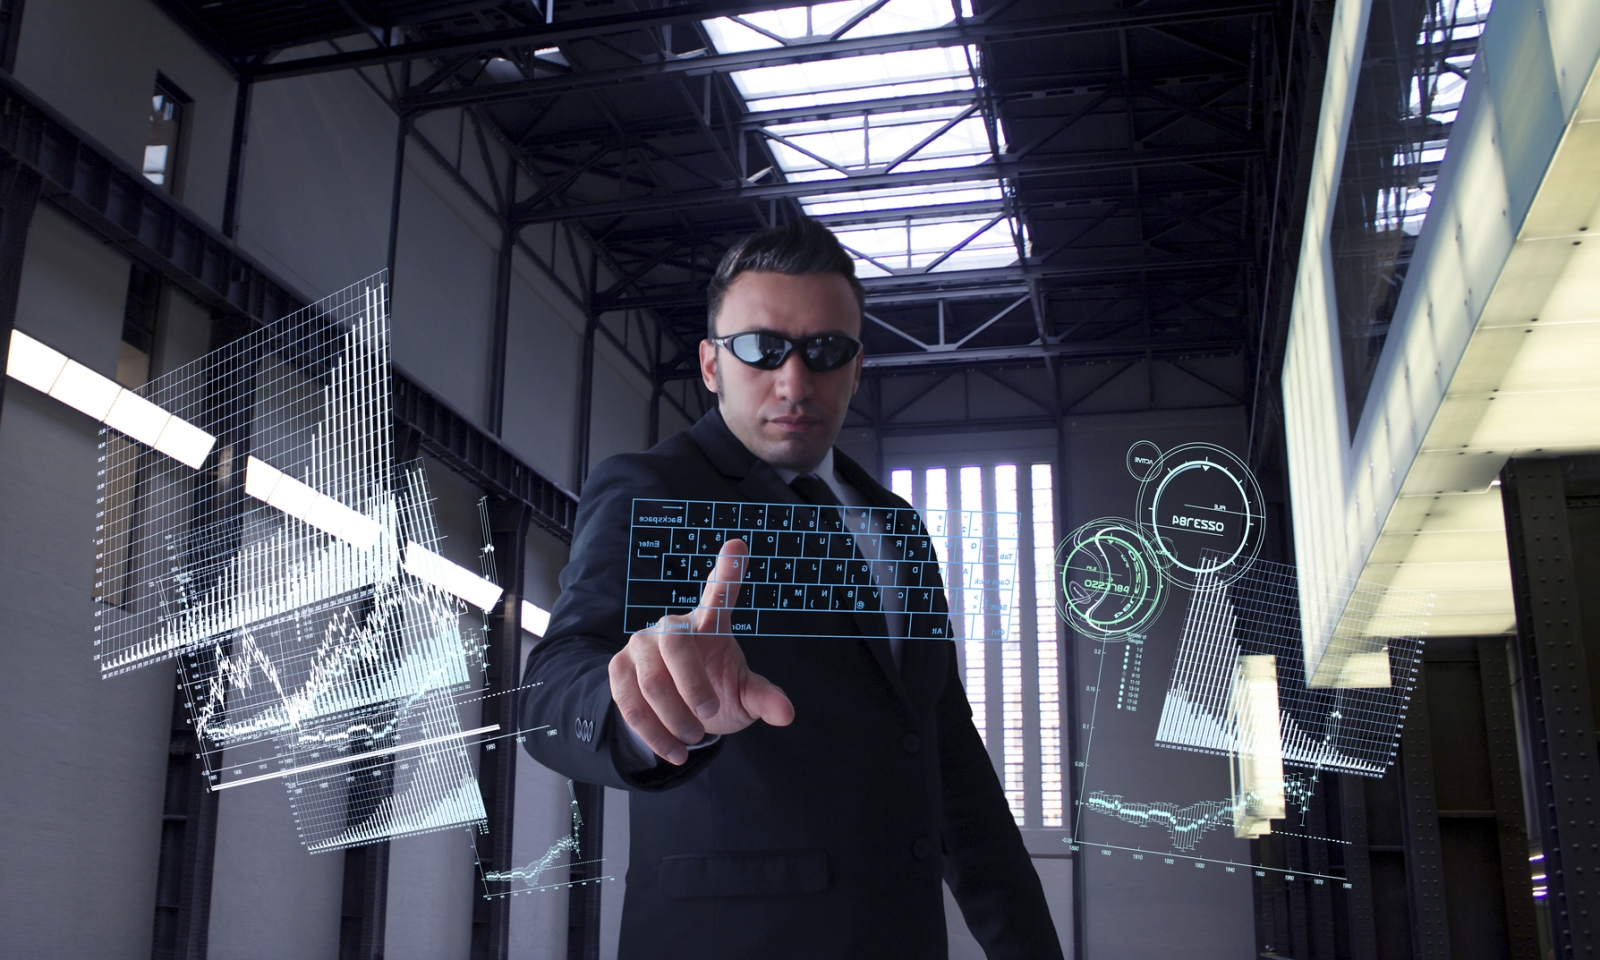 A man looking at big data analytics